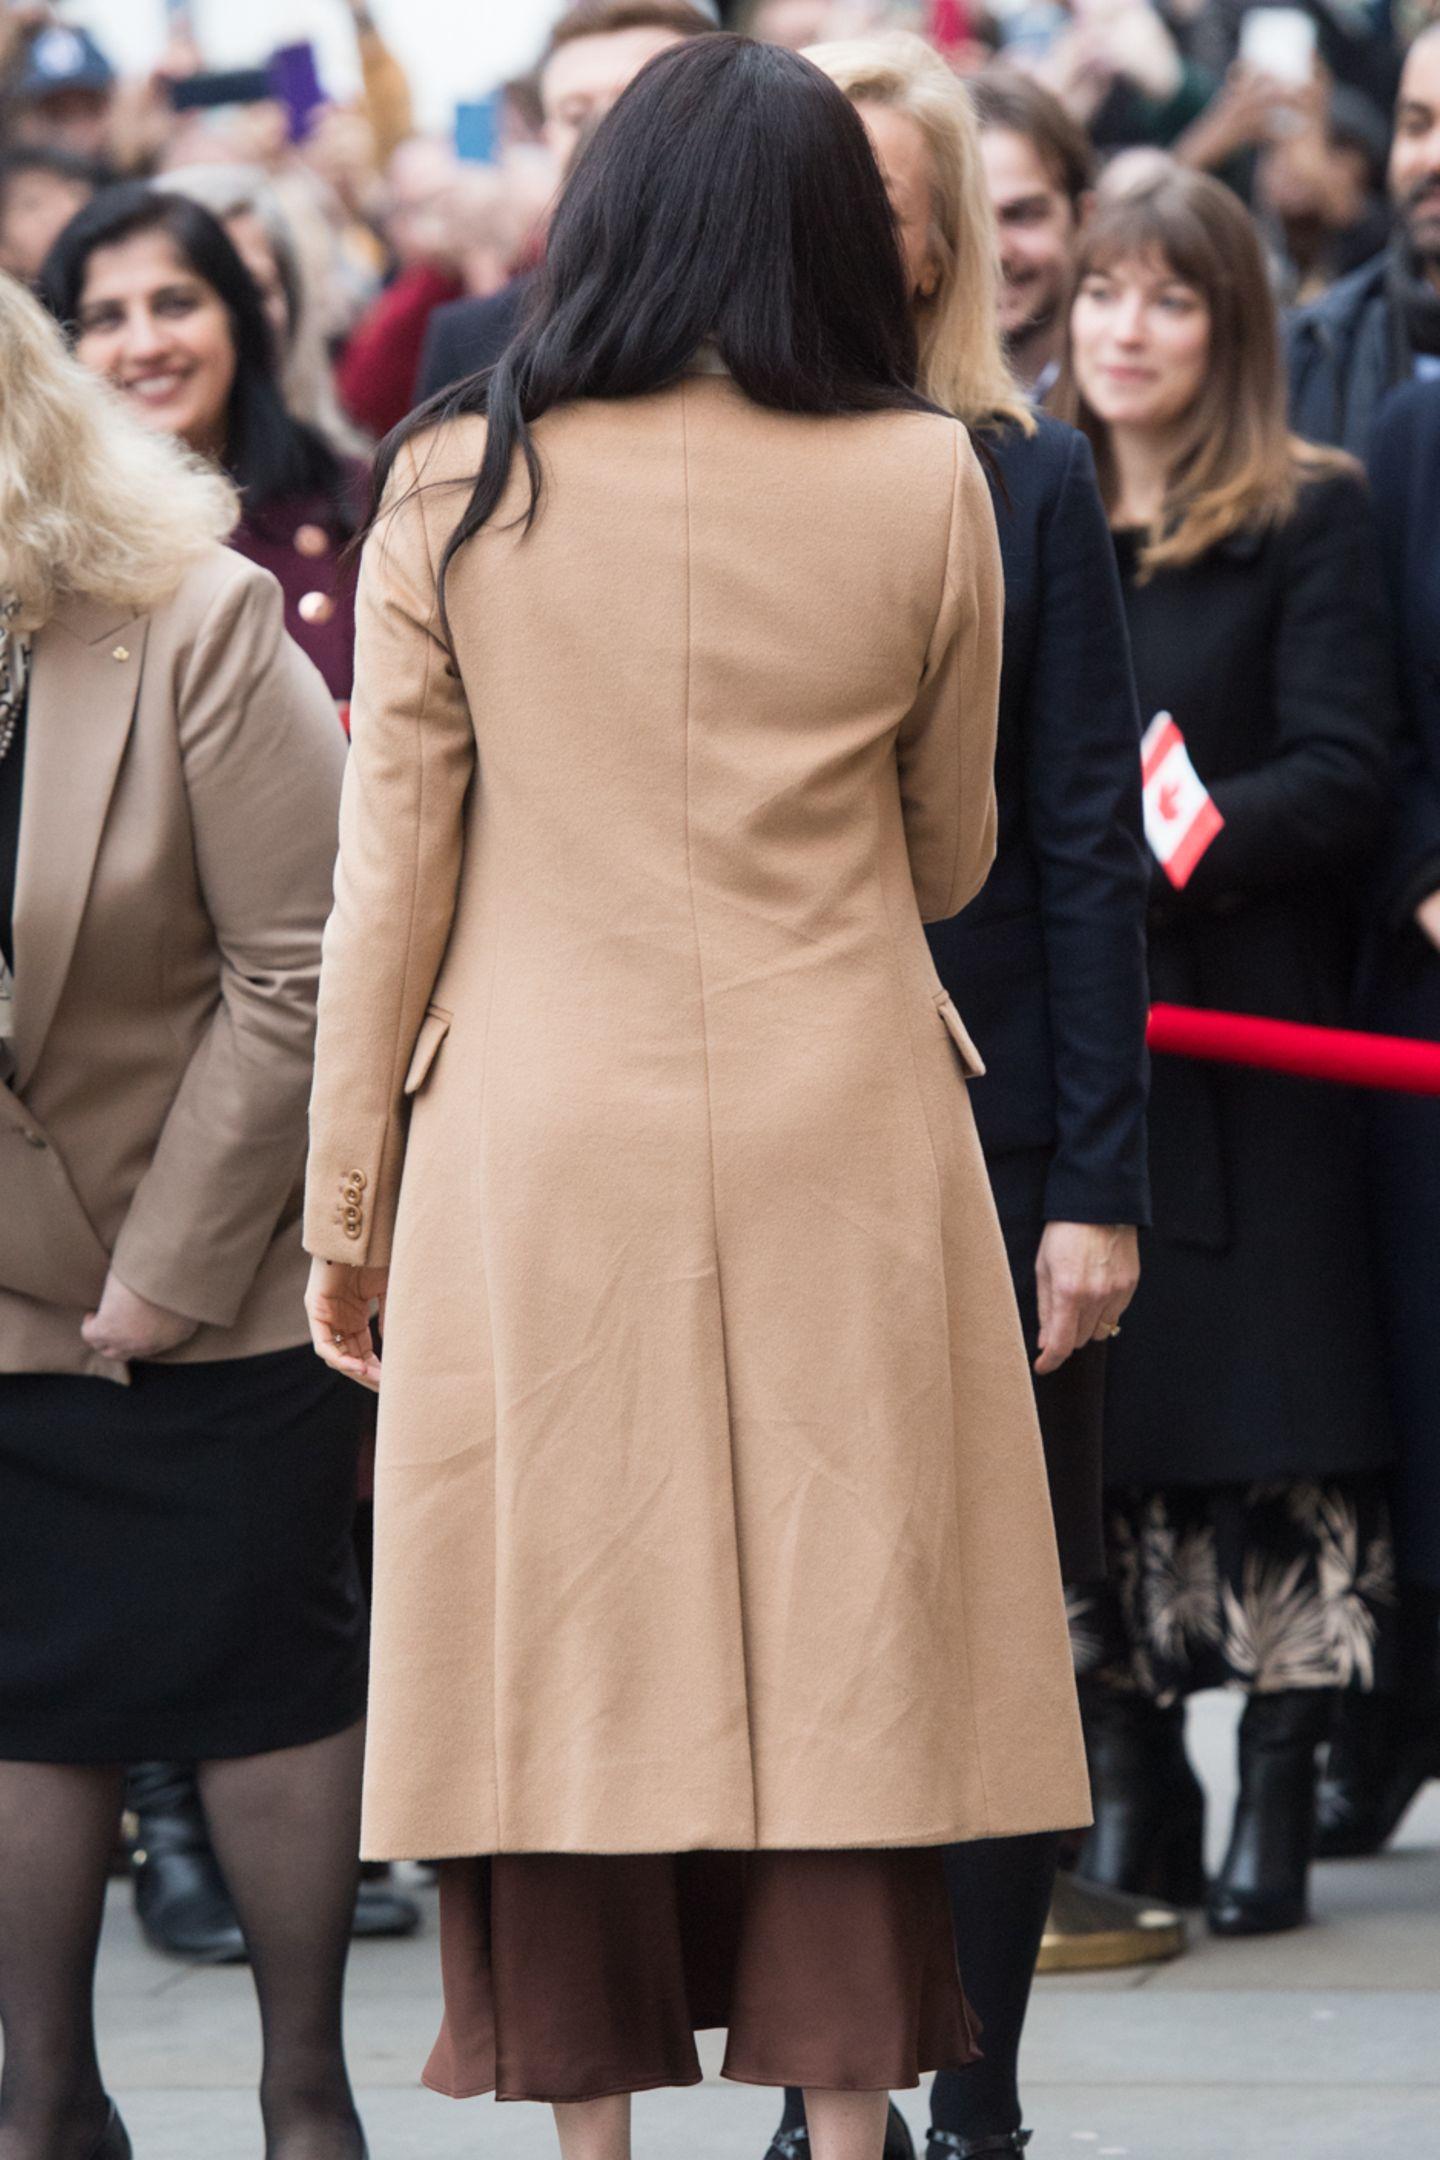 Die Herzogin entscheidetsich bei diesemAuftritt für eine Braun-in-braun-Kombi. Der Mantel von Reiss passt ausgezeichnet zu dem Look, jedoch wurde der Faden, der den Schlitz des Mantel provisorisch zusammenhält, nicht fachgerecht entfernt. Von hinten mag das nicht sofort ins Auge zu fallen...